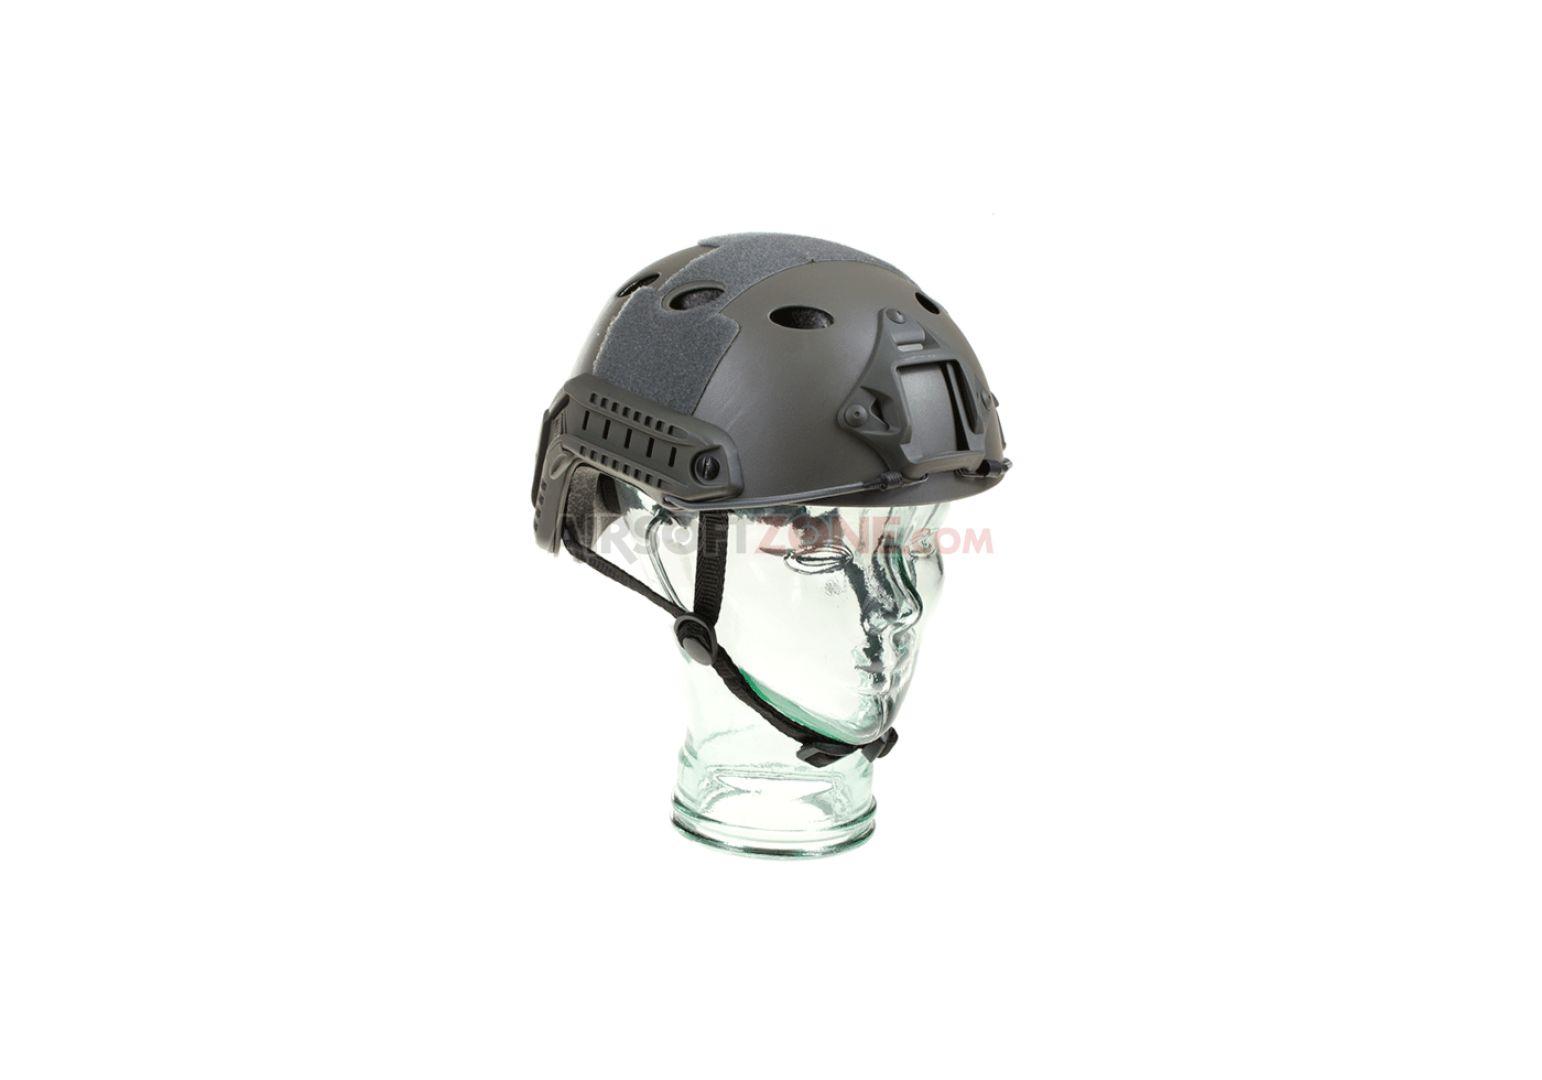 Fast Pj Helmet Eco (FG)